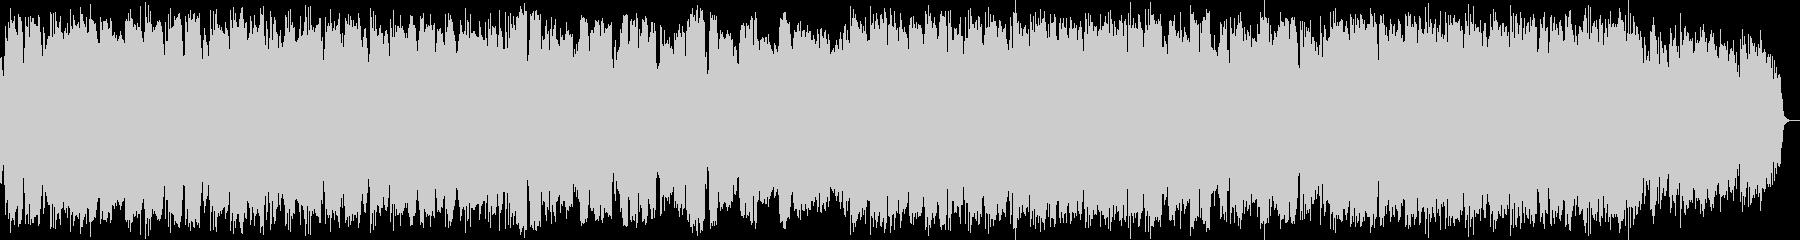 ケーナとシンセサイザーのニューエイジ音楽の未再生の波形